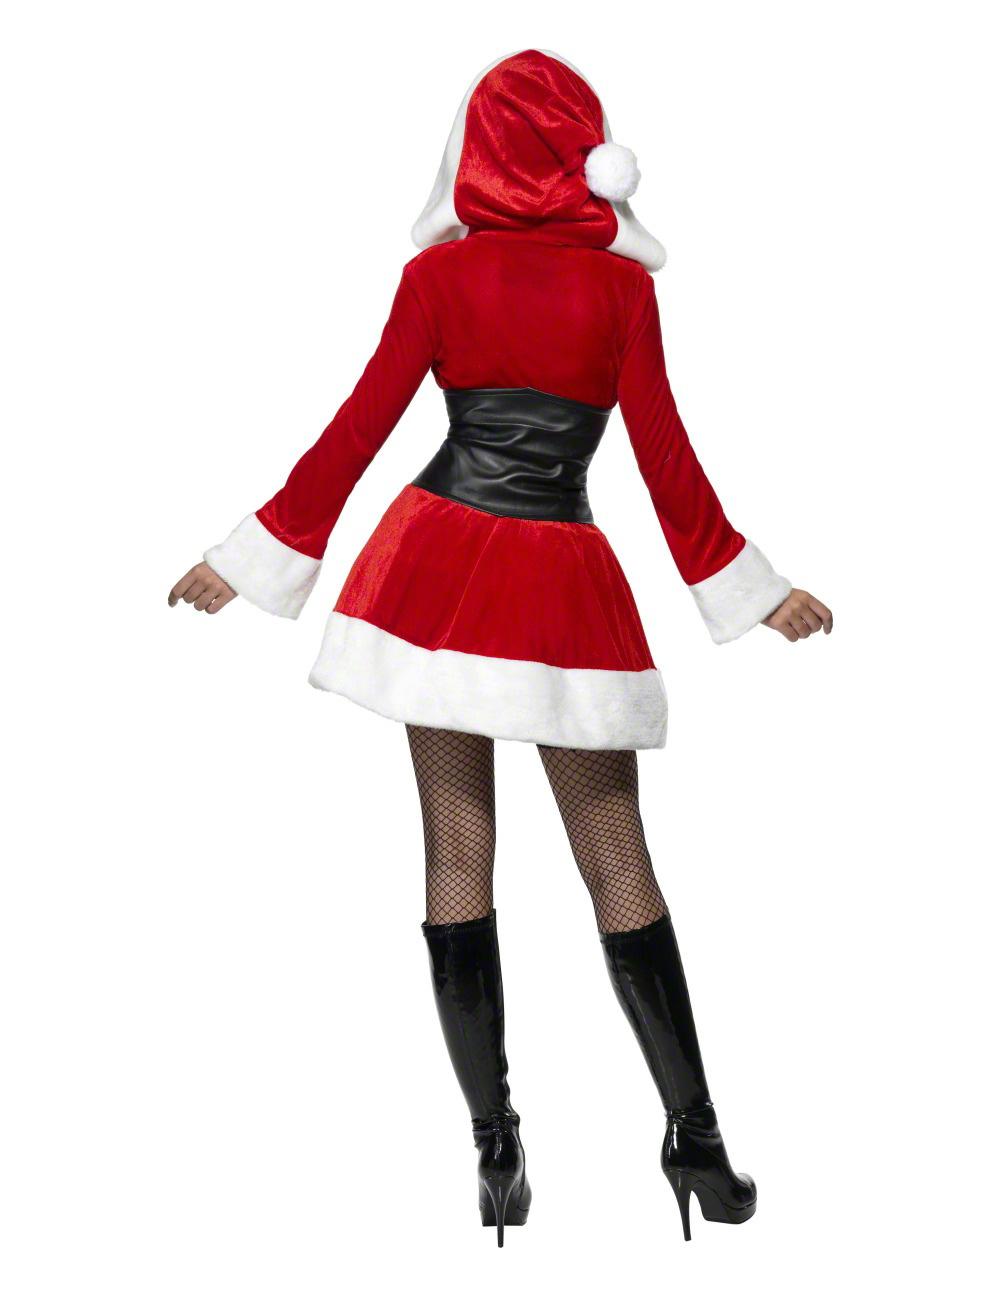 Déguisement Mère Noël corset femme   Deguise-toi, achat de ... 84ce89ff480c